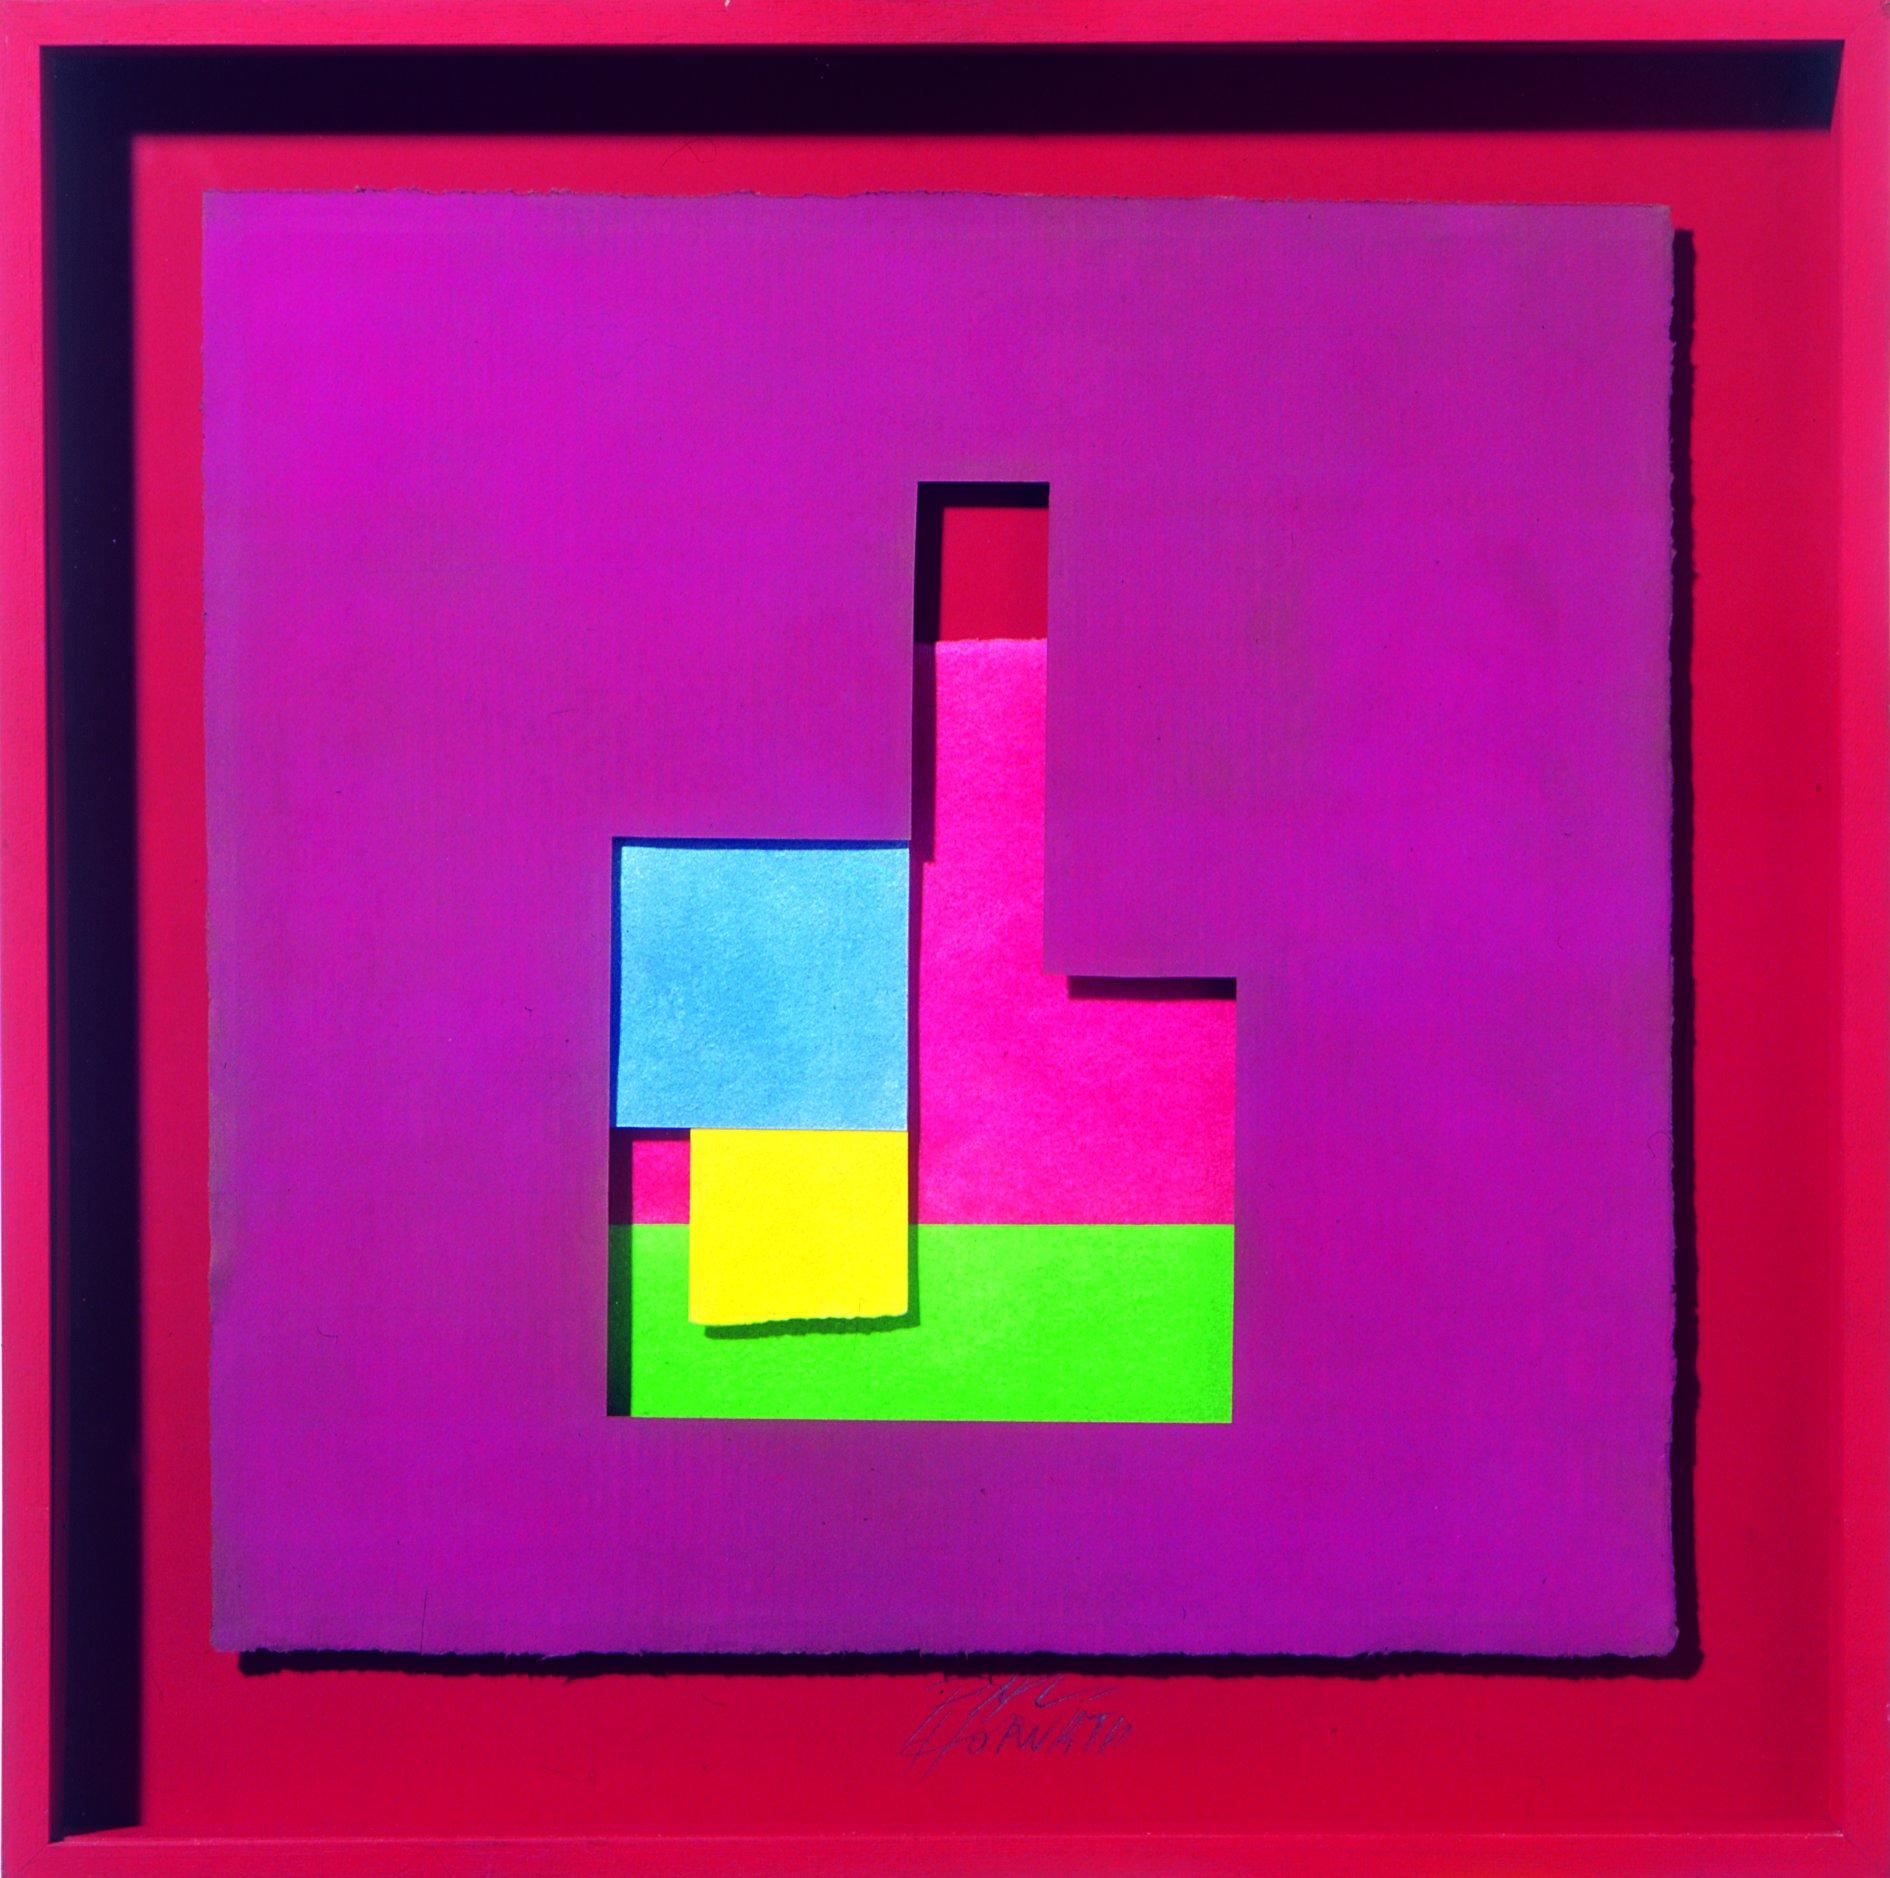 Pál Horváth, Construction papier, Papier fait main sur bois, 1997. 62.5 x 62.5 cm. Collection d'art moderne et contemporain de l'ULB